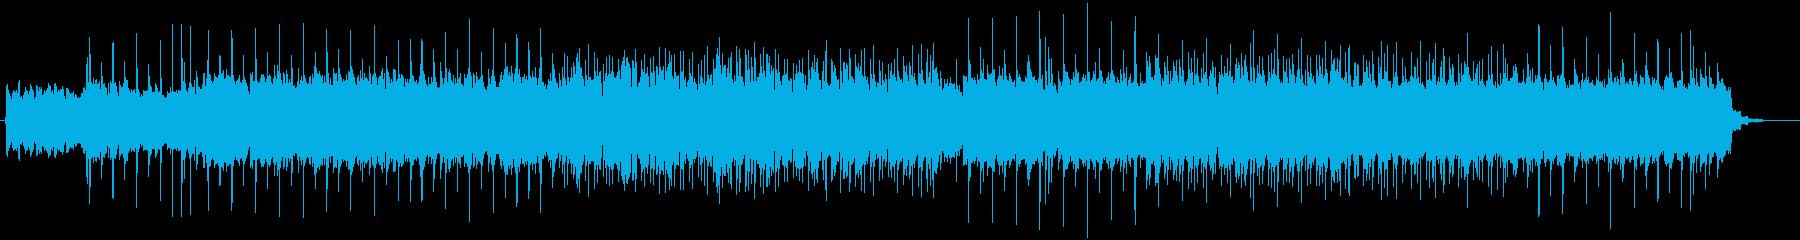 リフがクールなロックギター曲の再生済みの波形